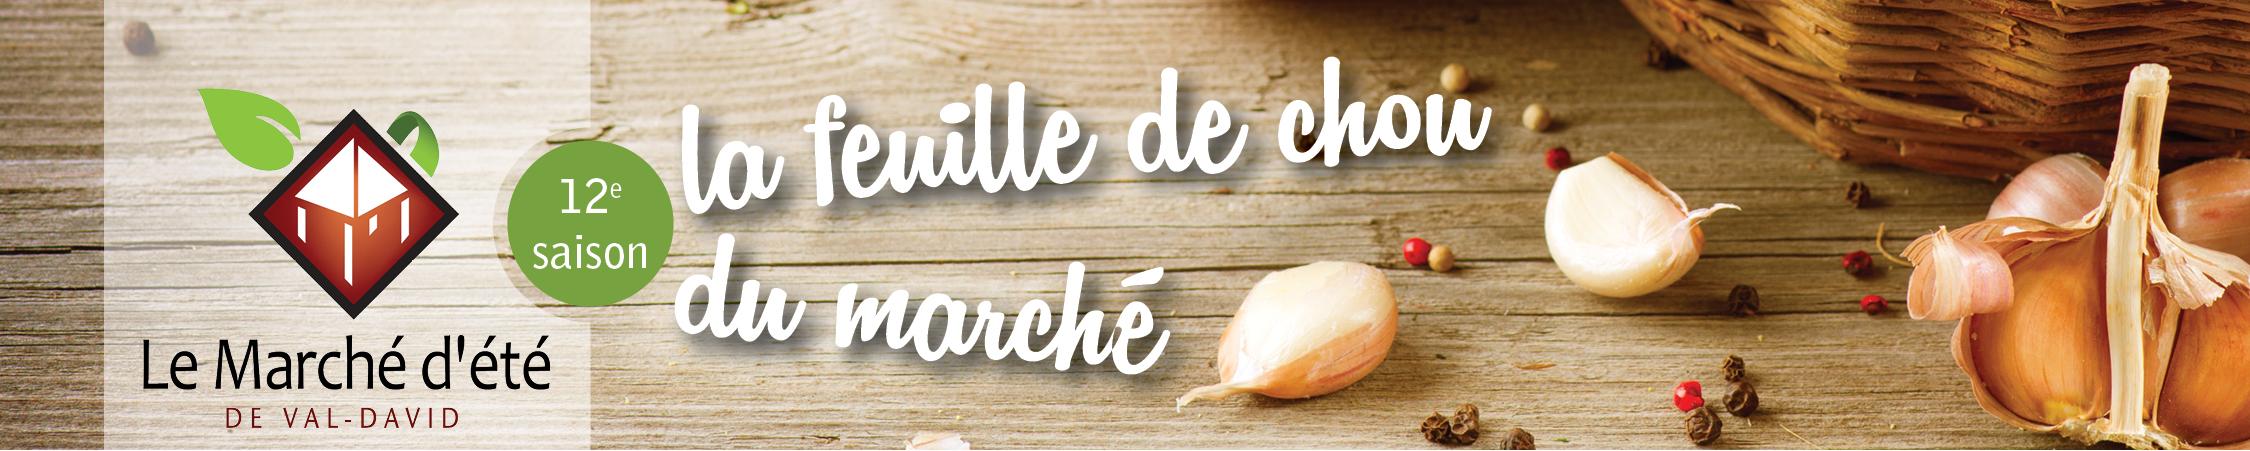 Feuille_de_chou2